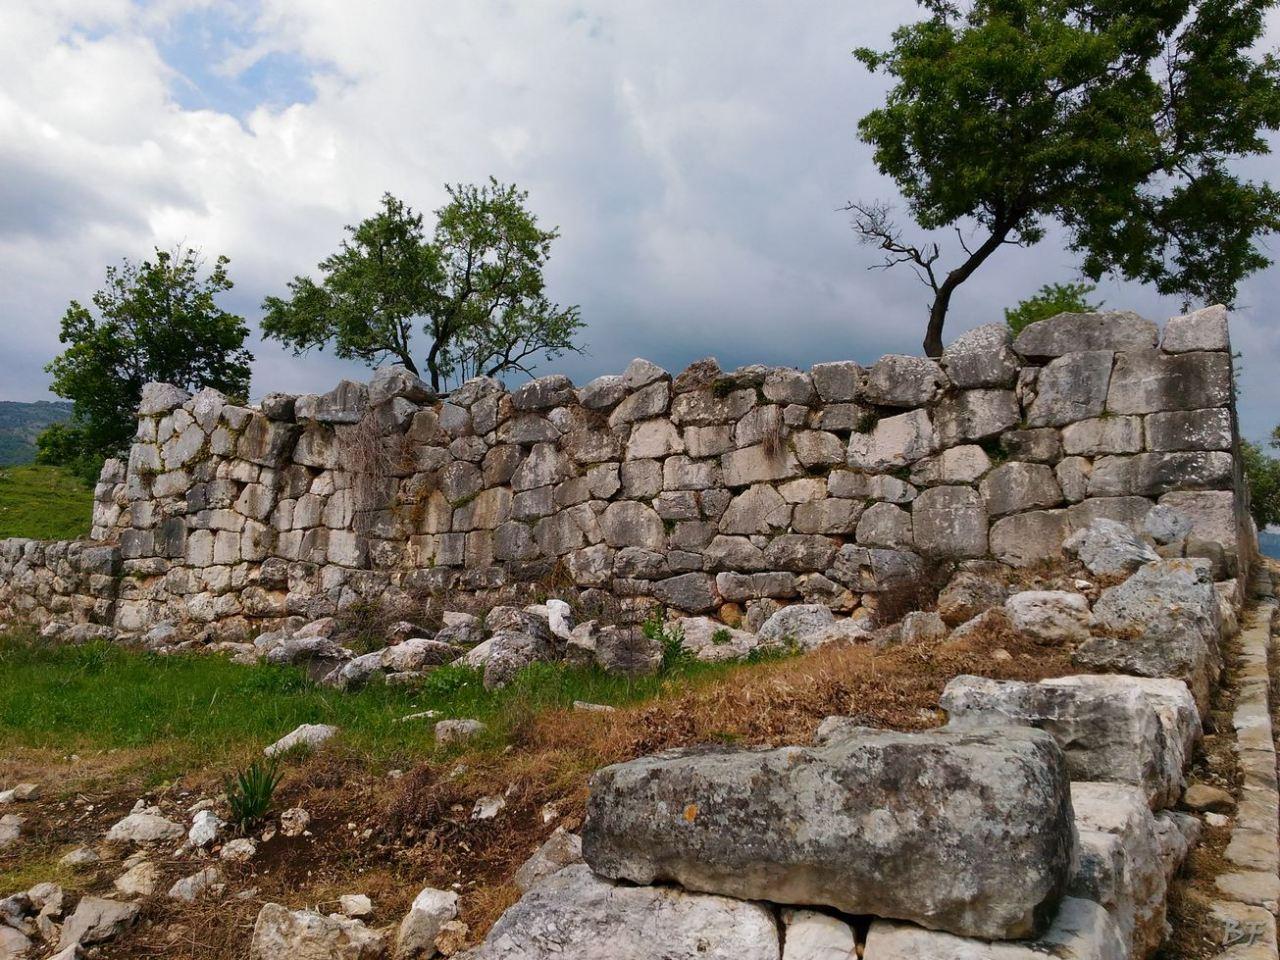 Norba-Mura-Megalitiche-Poligonali-Latina-Lazio-Italia-15